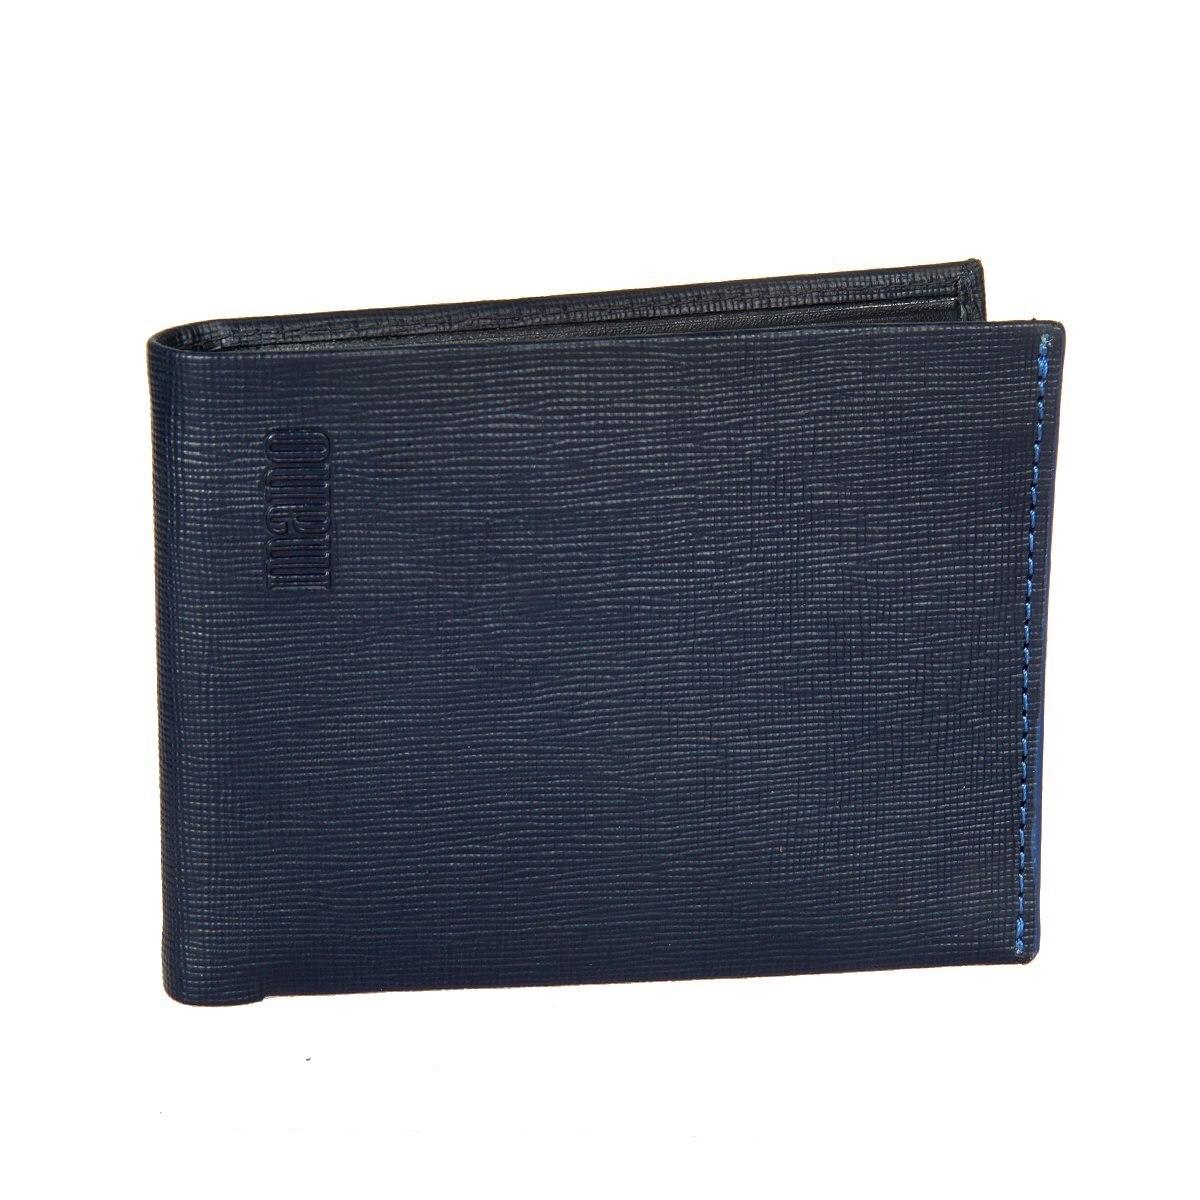 Coin Purse Mano 20203 dark blue/blue